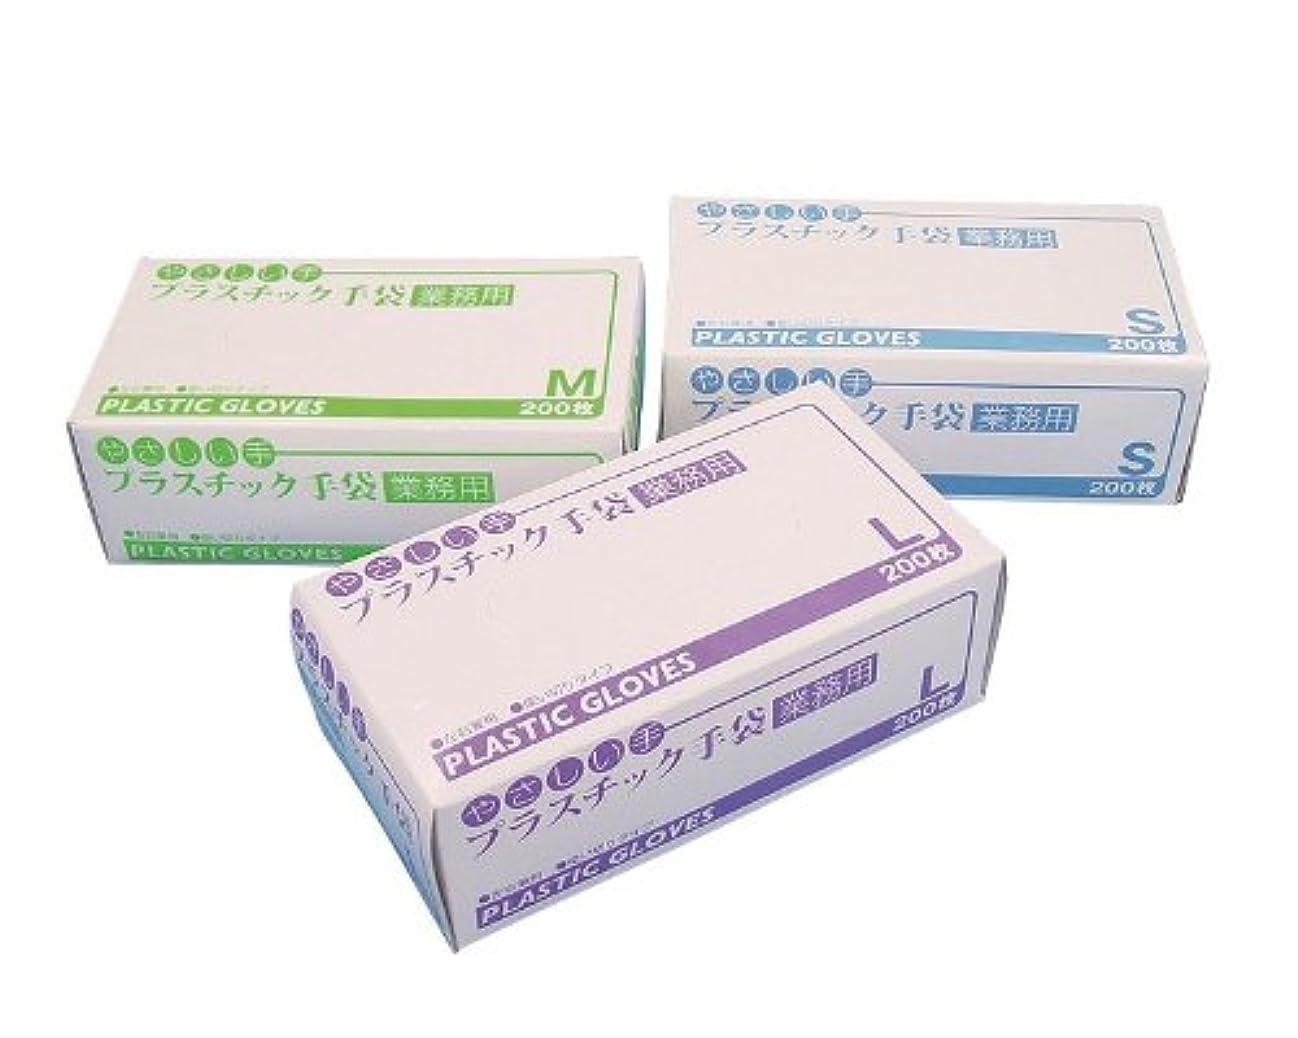 速い思春期プログラムやさしい手 プラスチック手袋 業務用 OM-460 200枚入/Lサイズ